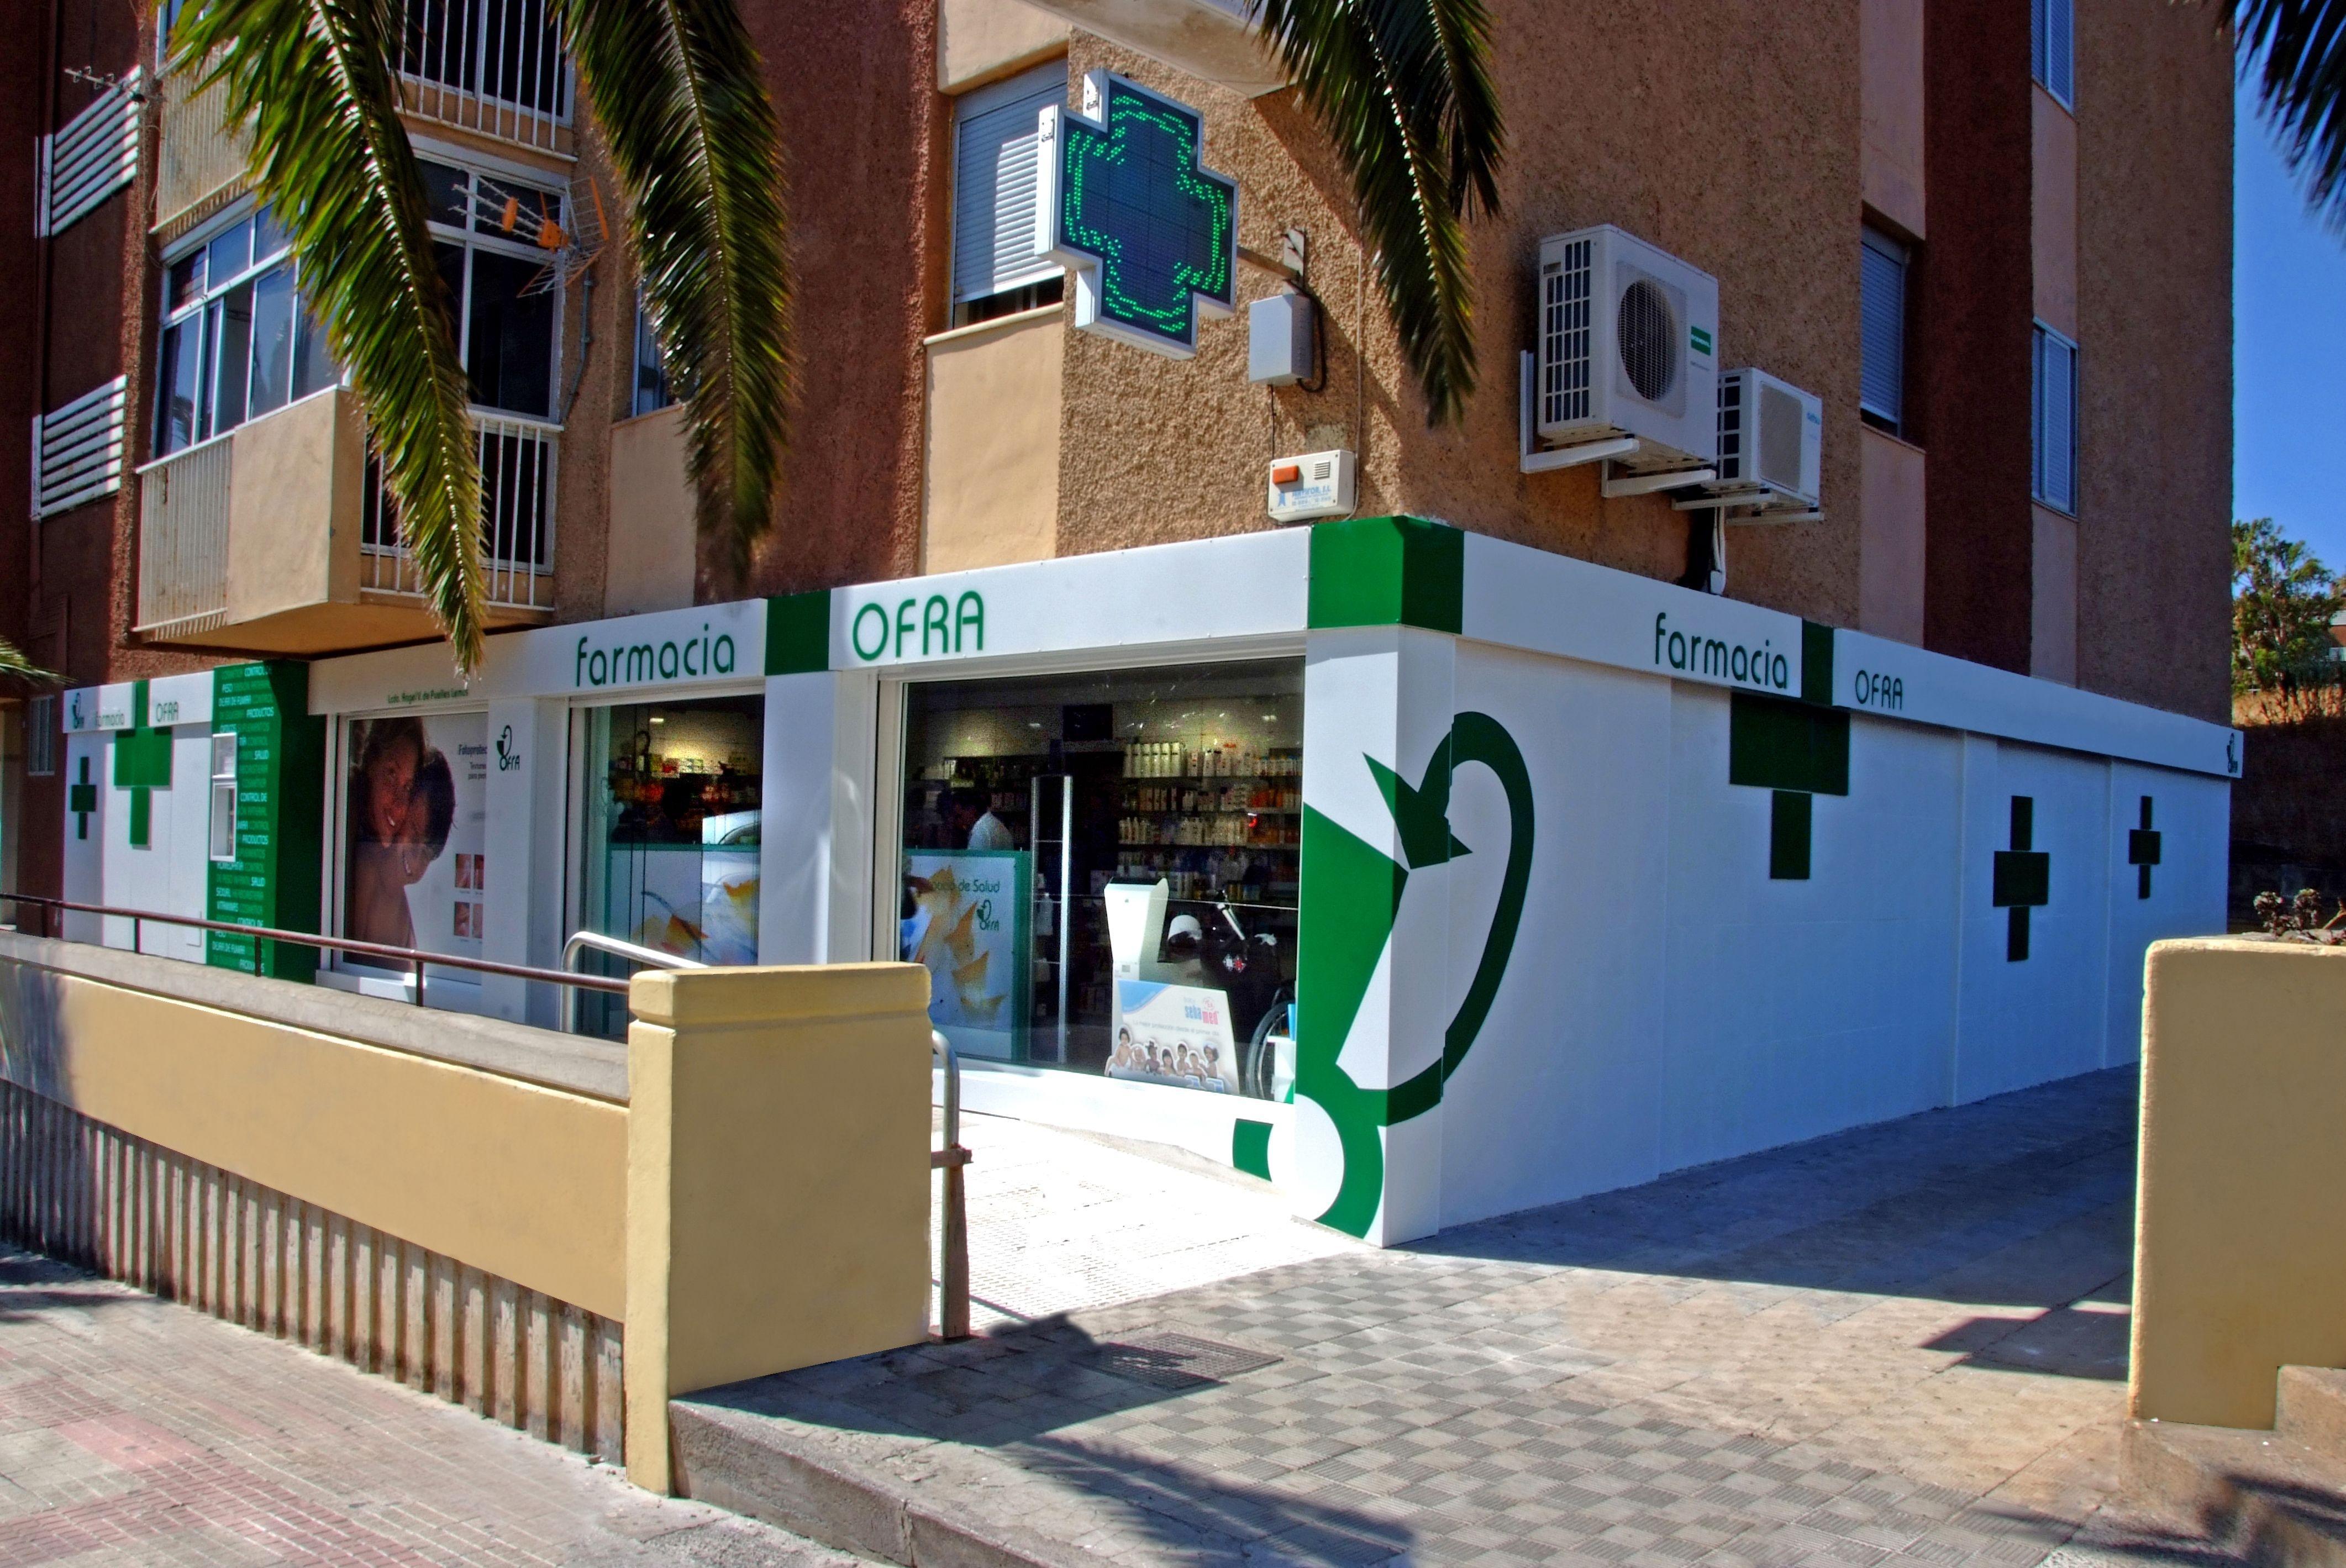 Diseño de fachadas de farmacias en Santa Cruz de Tenerife